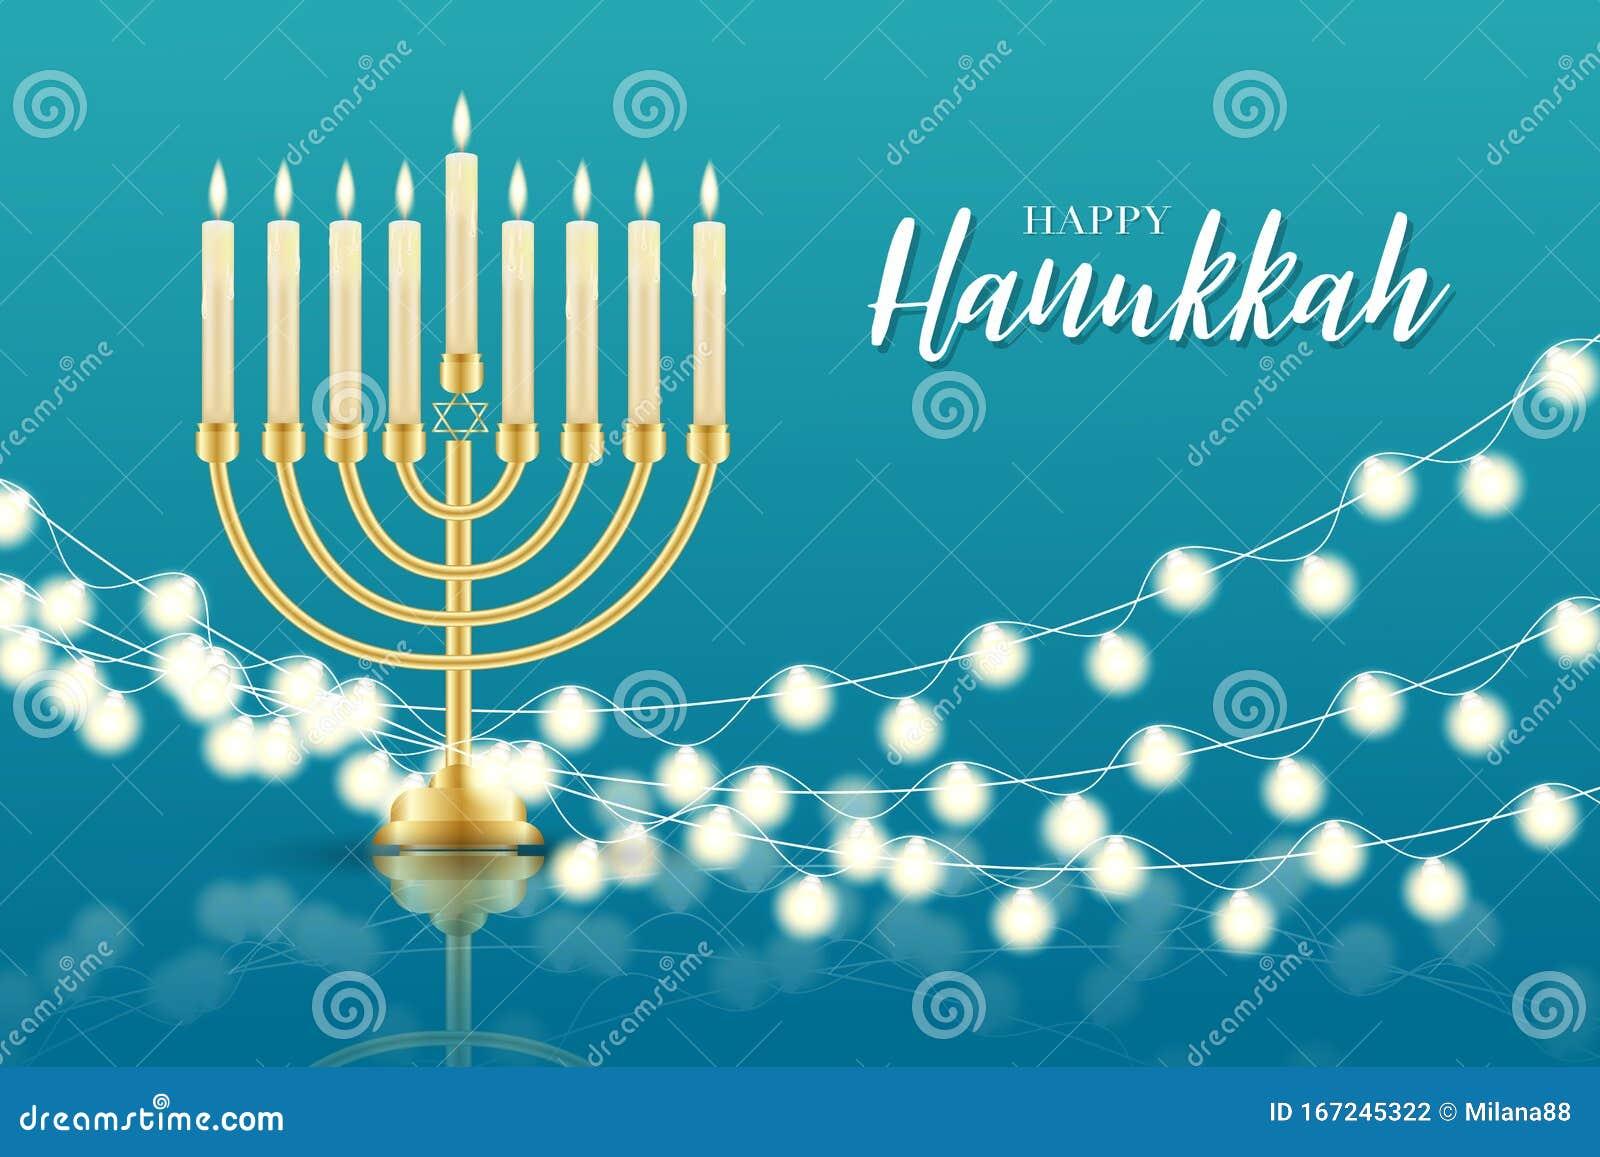 Happy Hanukkah Feriado Judaico Tradicional Conceito De Design De Banner Ou Wallpaper Religiao Judaica Decor Com Homens Ilustracao Do Vetor Ilustracao De Hanukkah Feriado 167245322